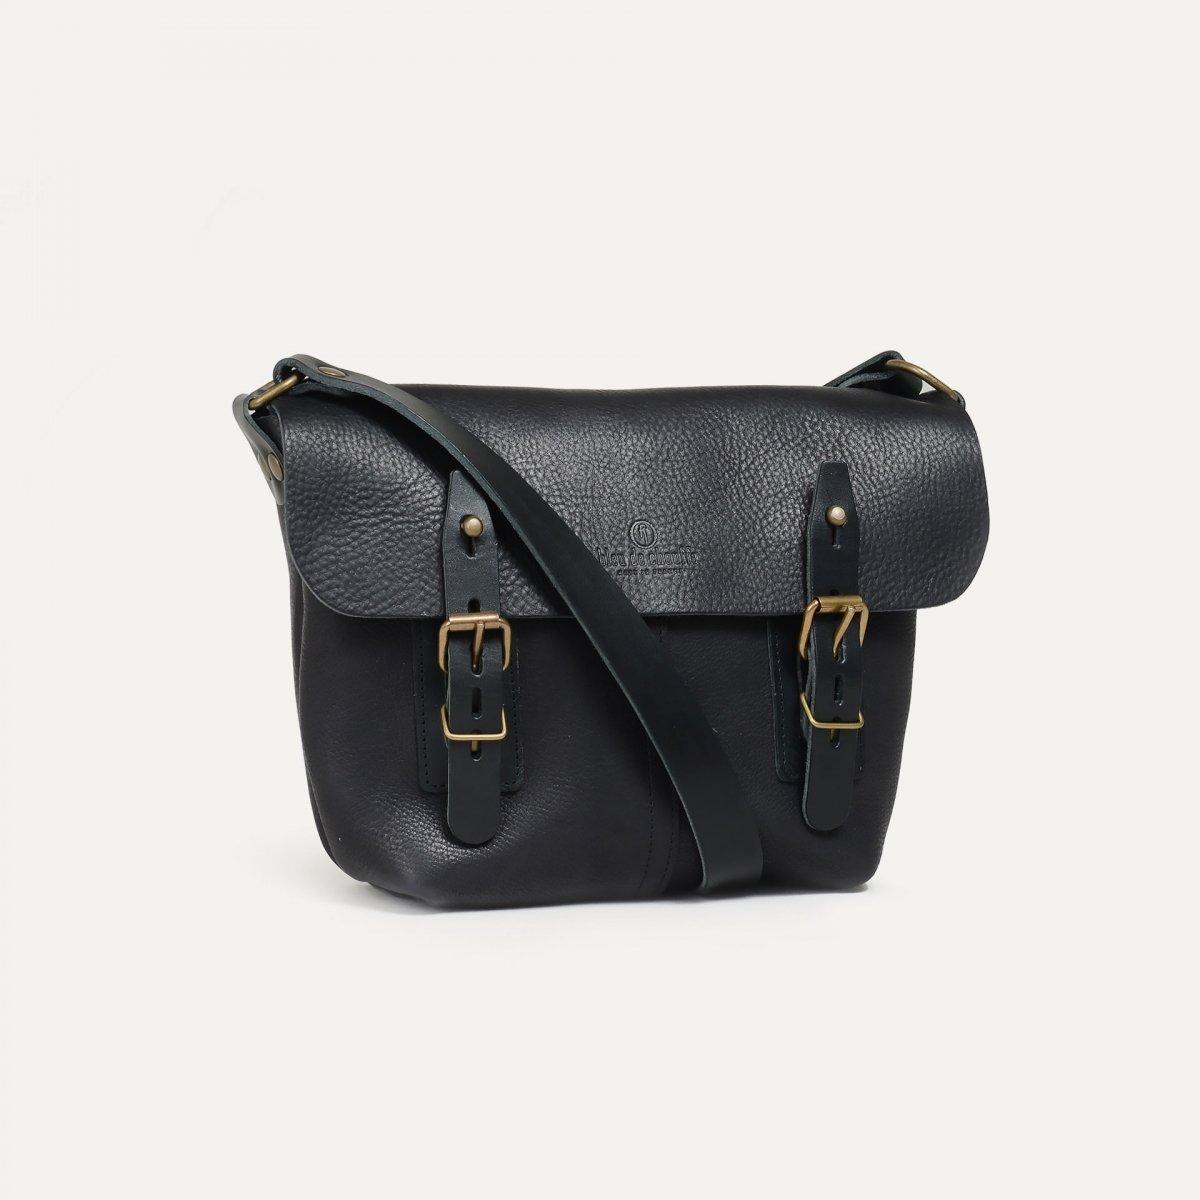 Louis Satchel bag - Black (image n°2)